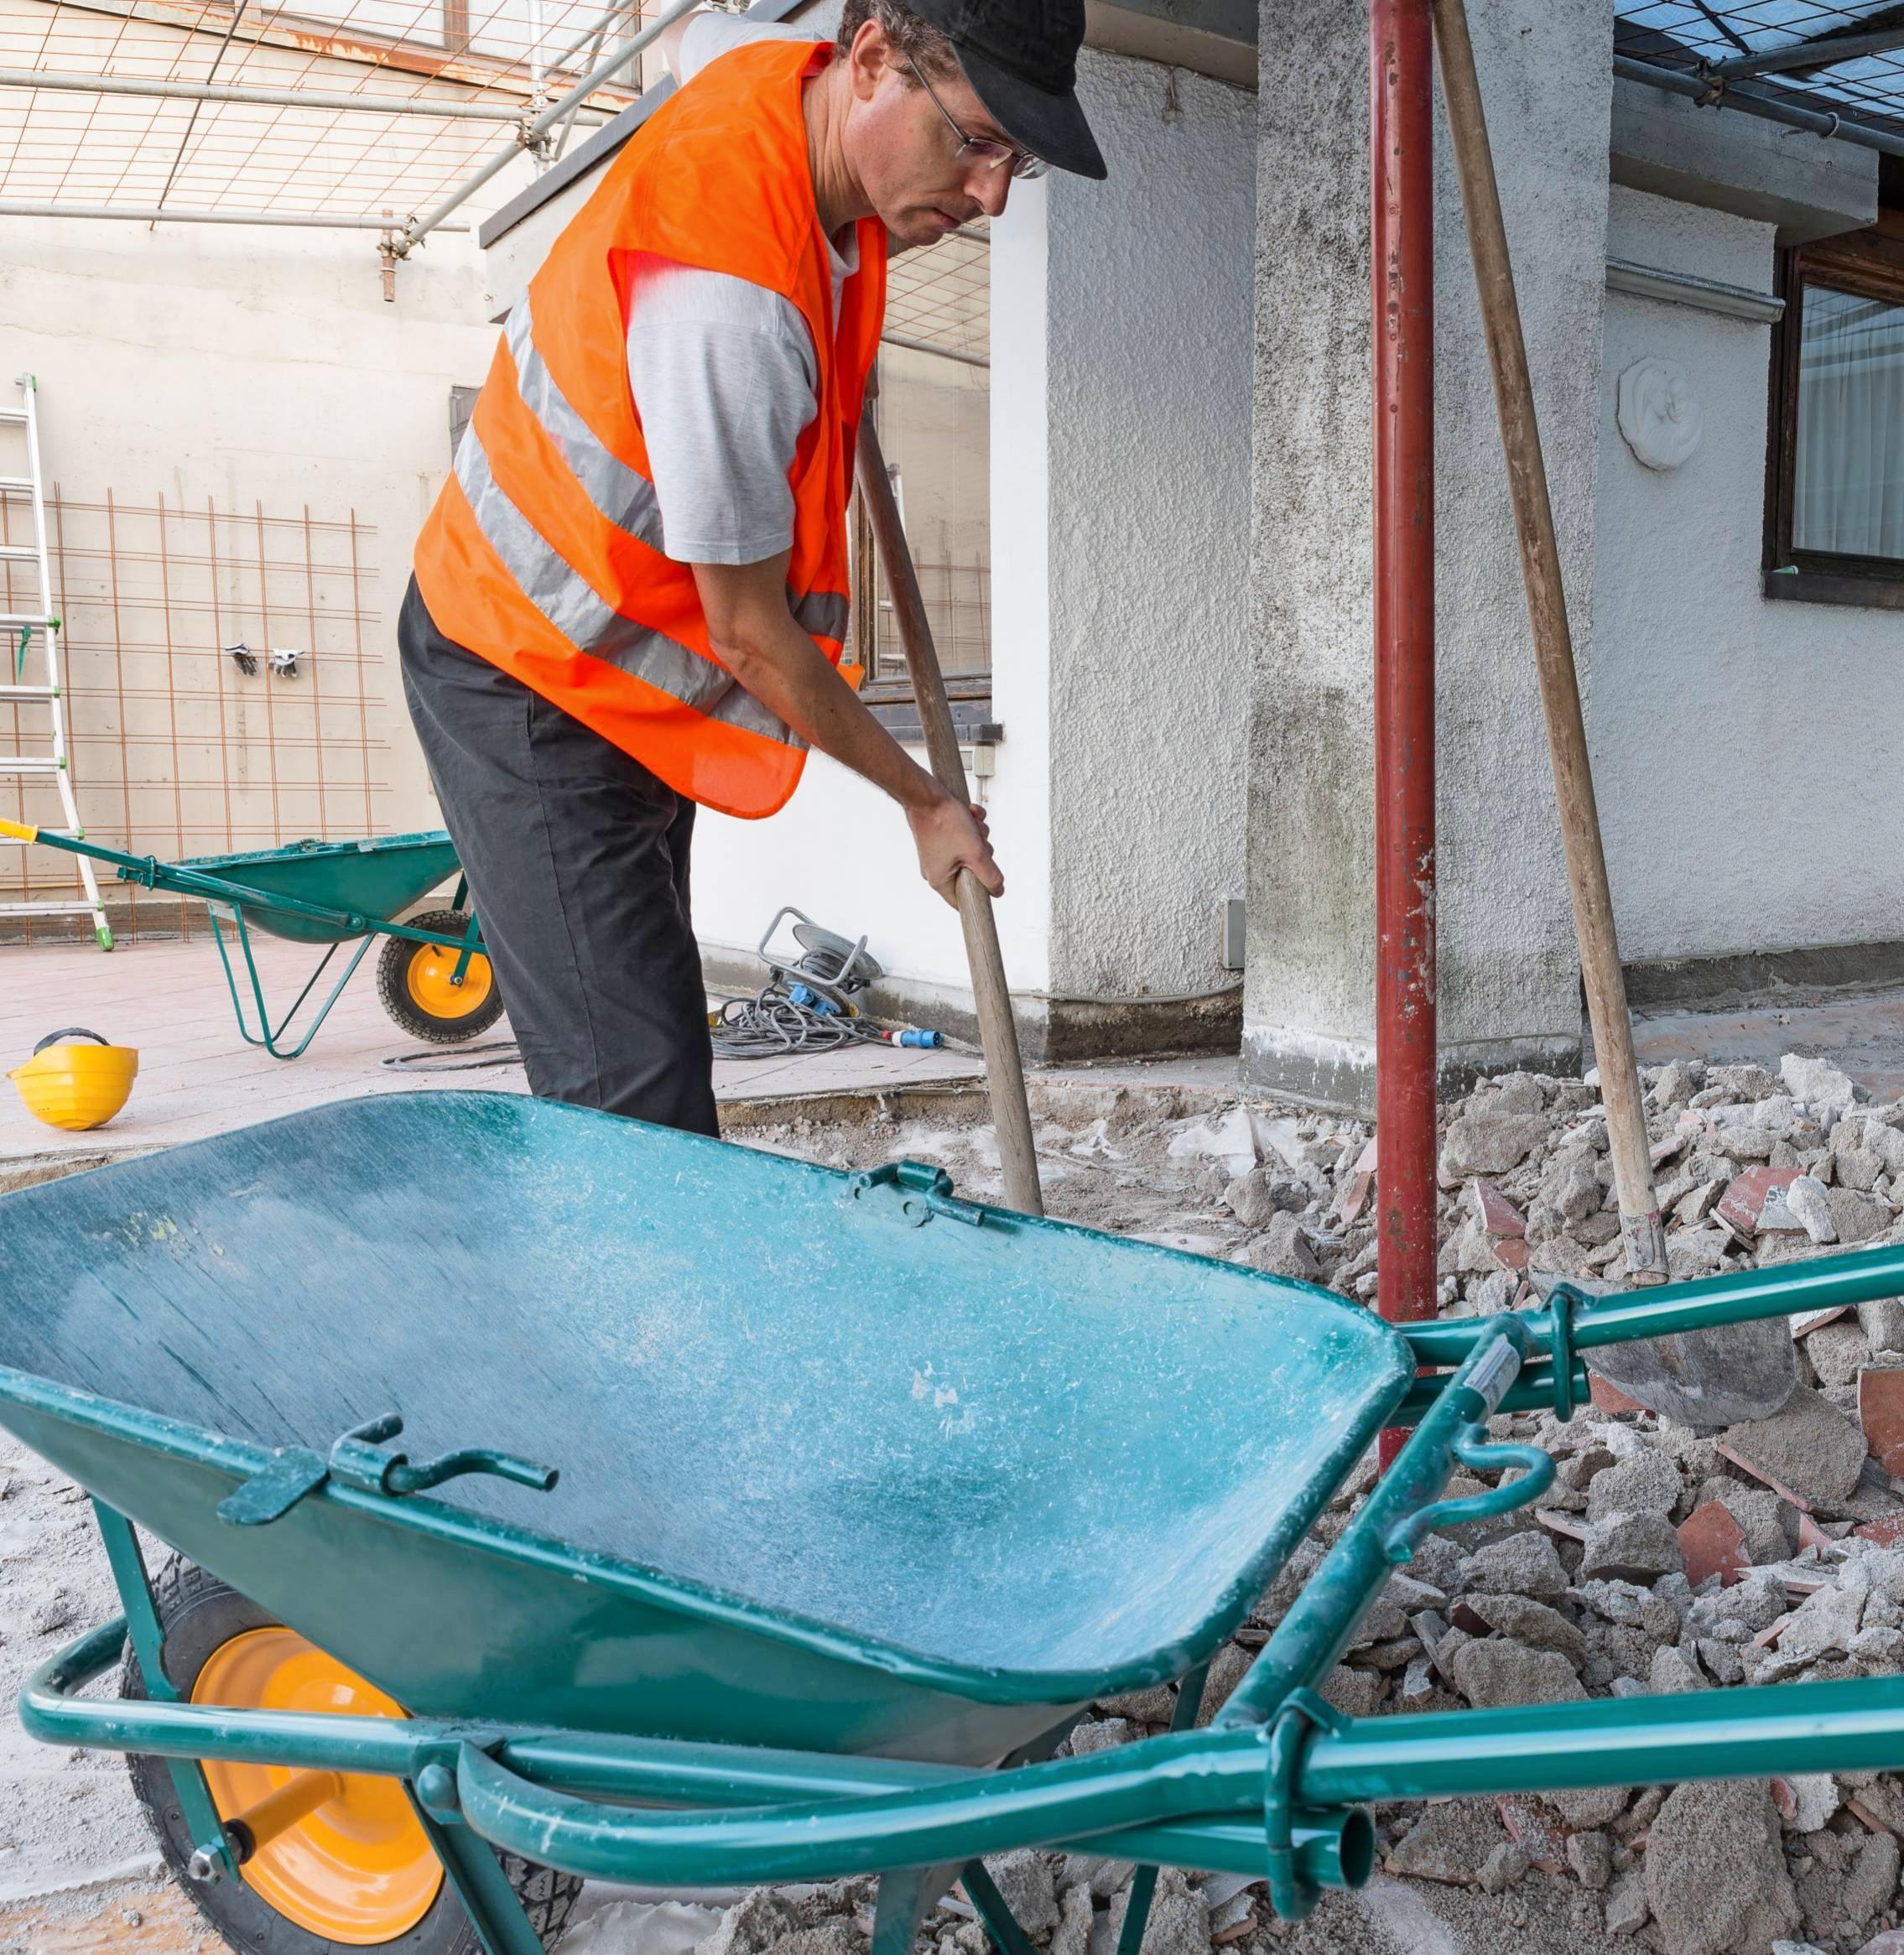 Den Bauschutt zu trennen, spart Geld. Zudem ist eine sortenreine Aufteilung sinnvoll, weil einige Materialien Schadstoffe enthalten. Foto: AleMasche72/stock.adobe.com